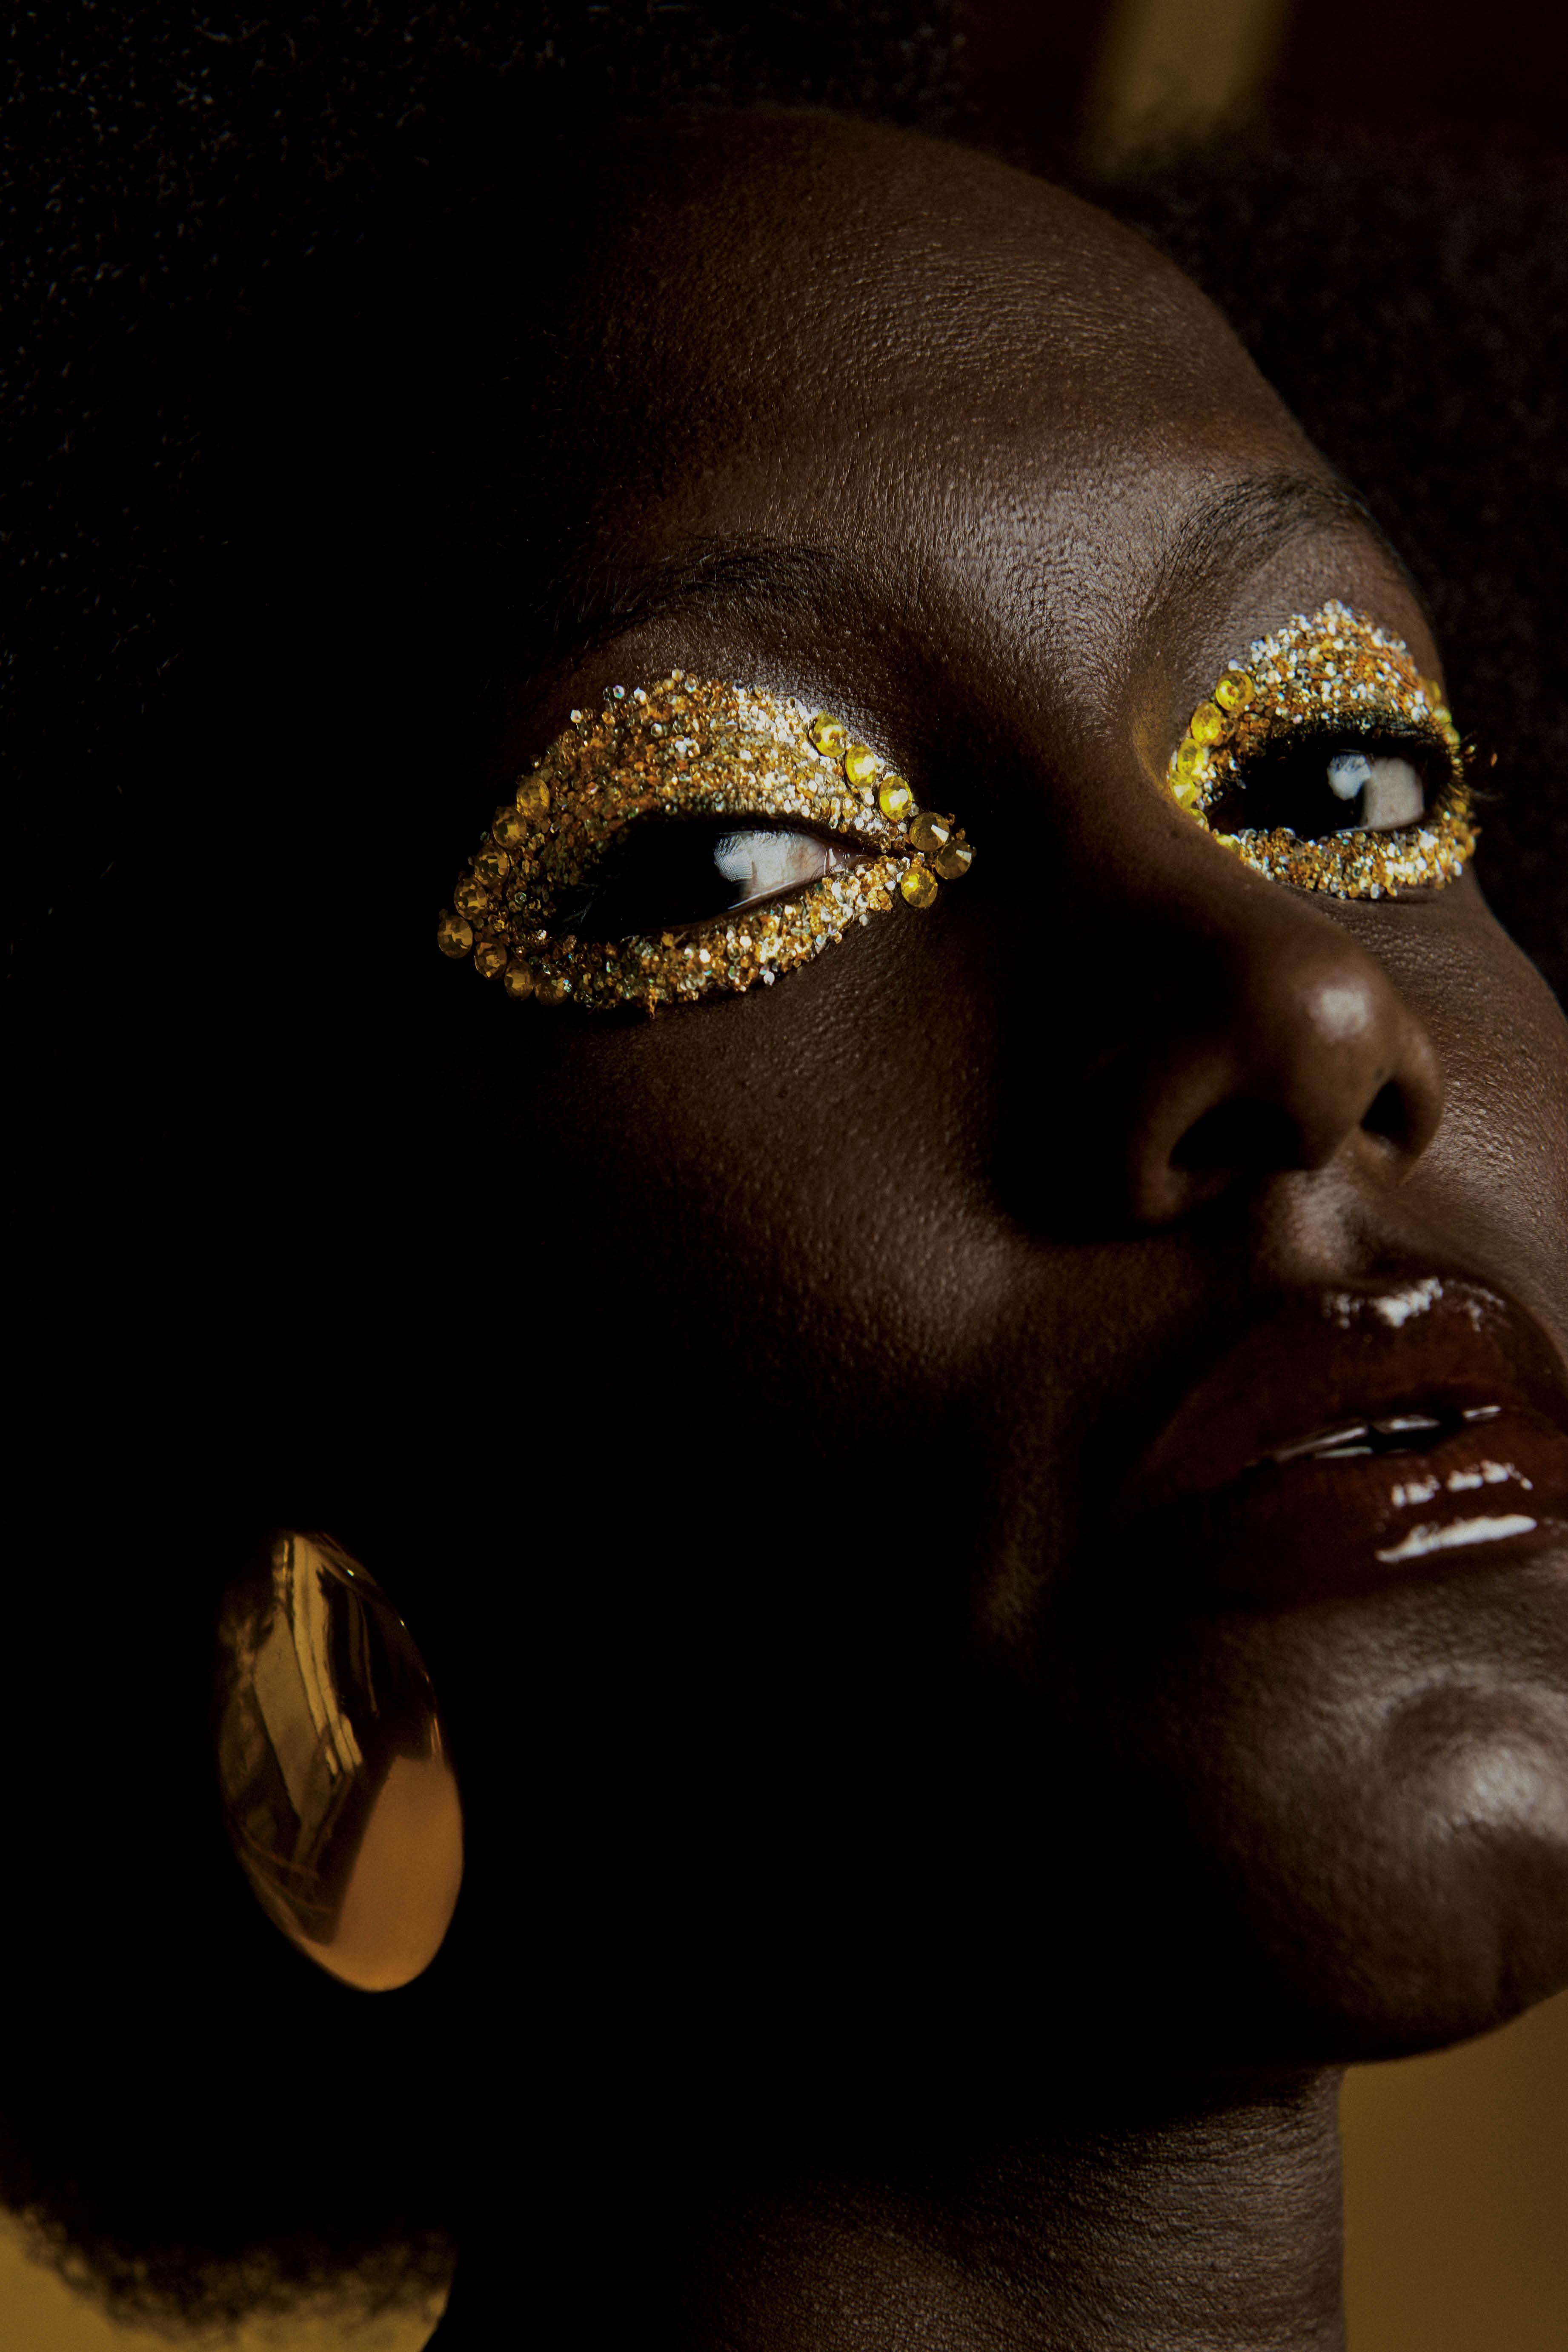 Olhos com sombra dourada e aplicações